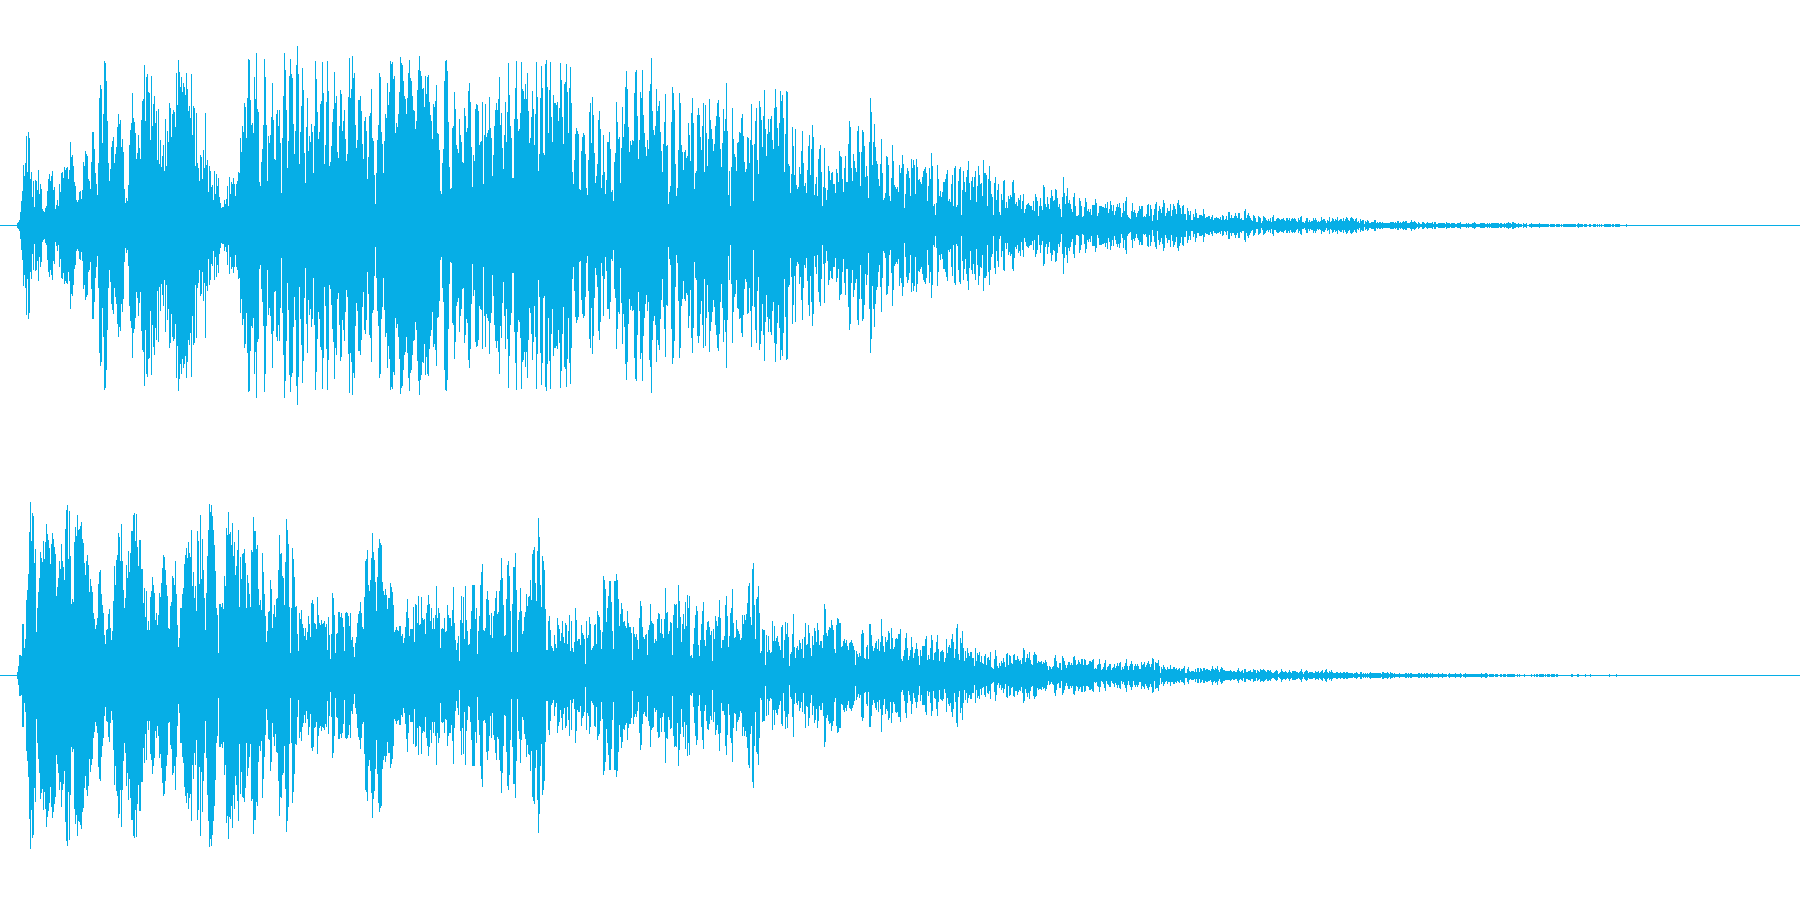 ビョビョ〜ン(高い音)の再生済みの波形